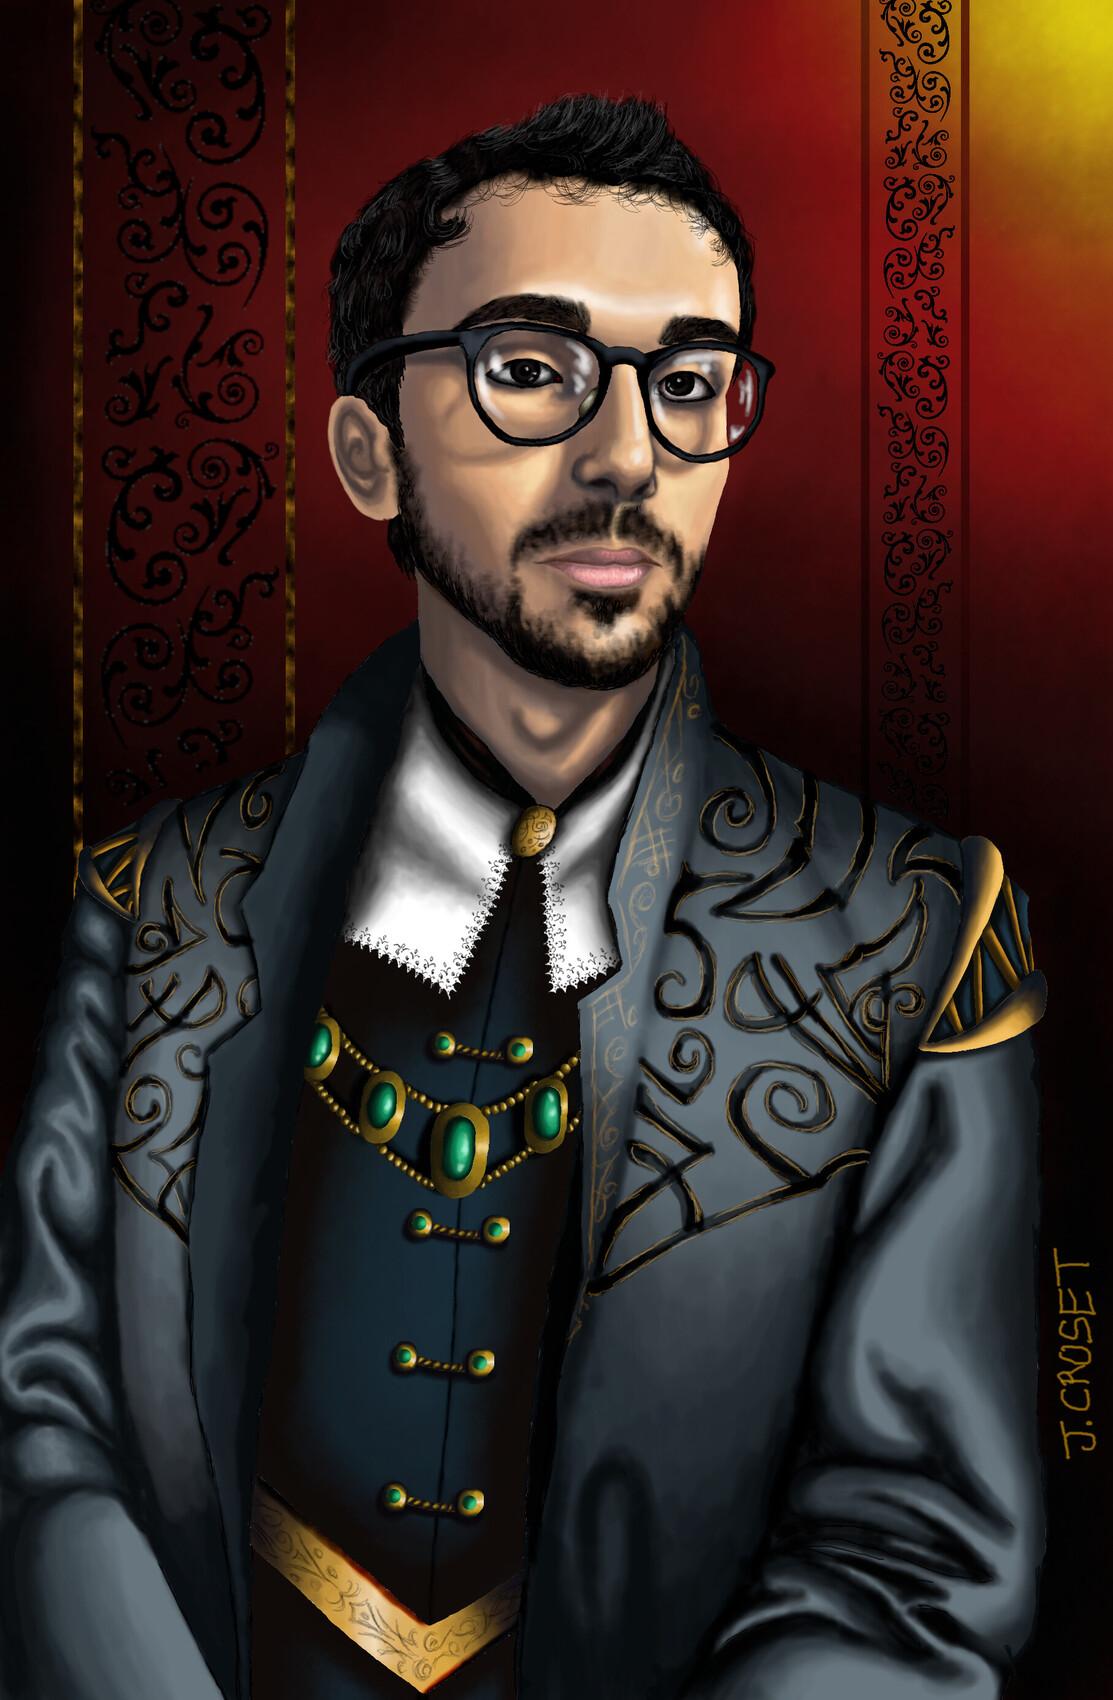 Portrait façon baroque